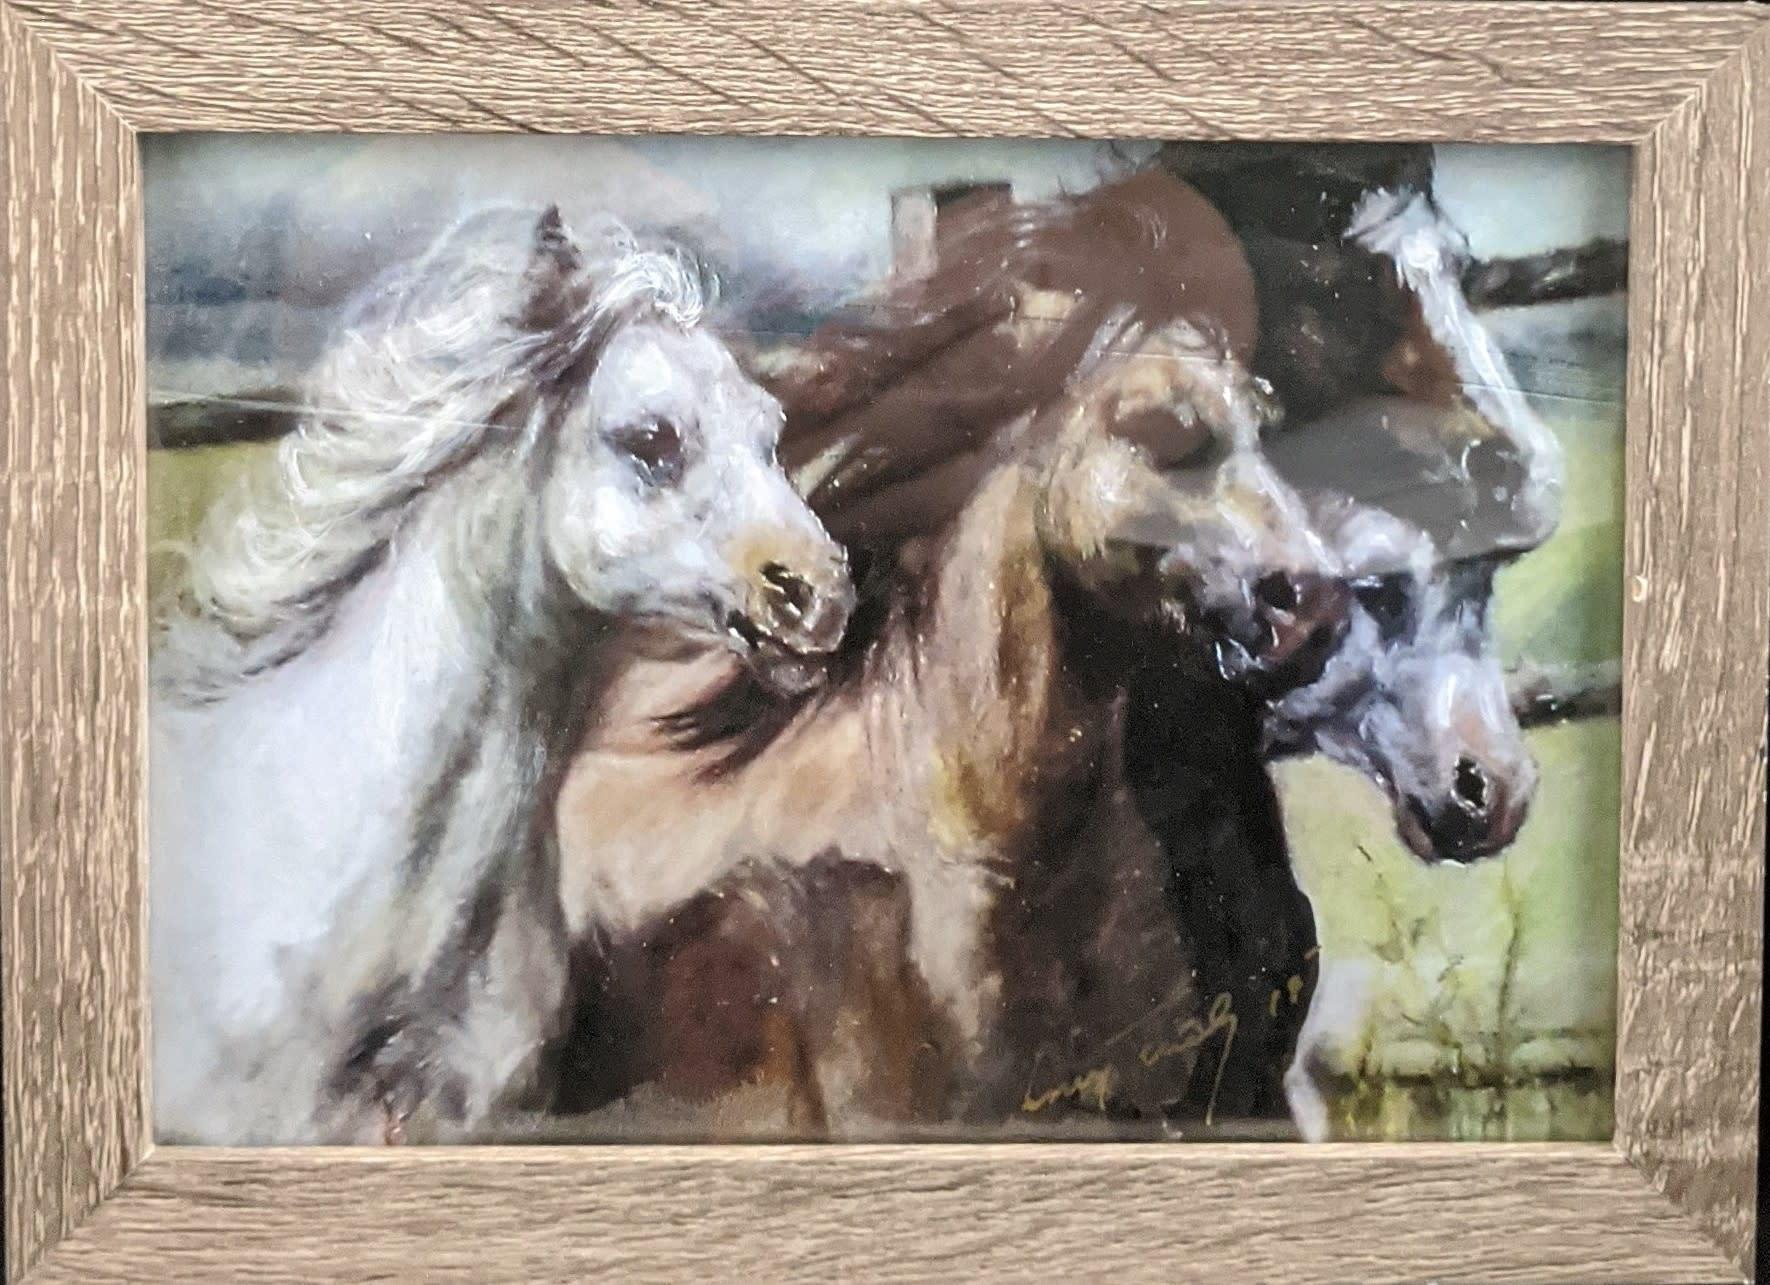 Mixture of horses mhqatl